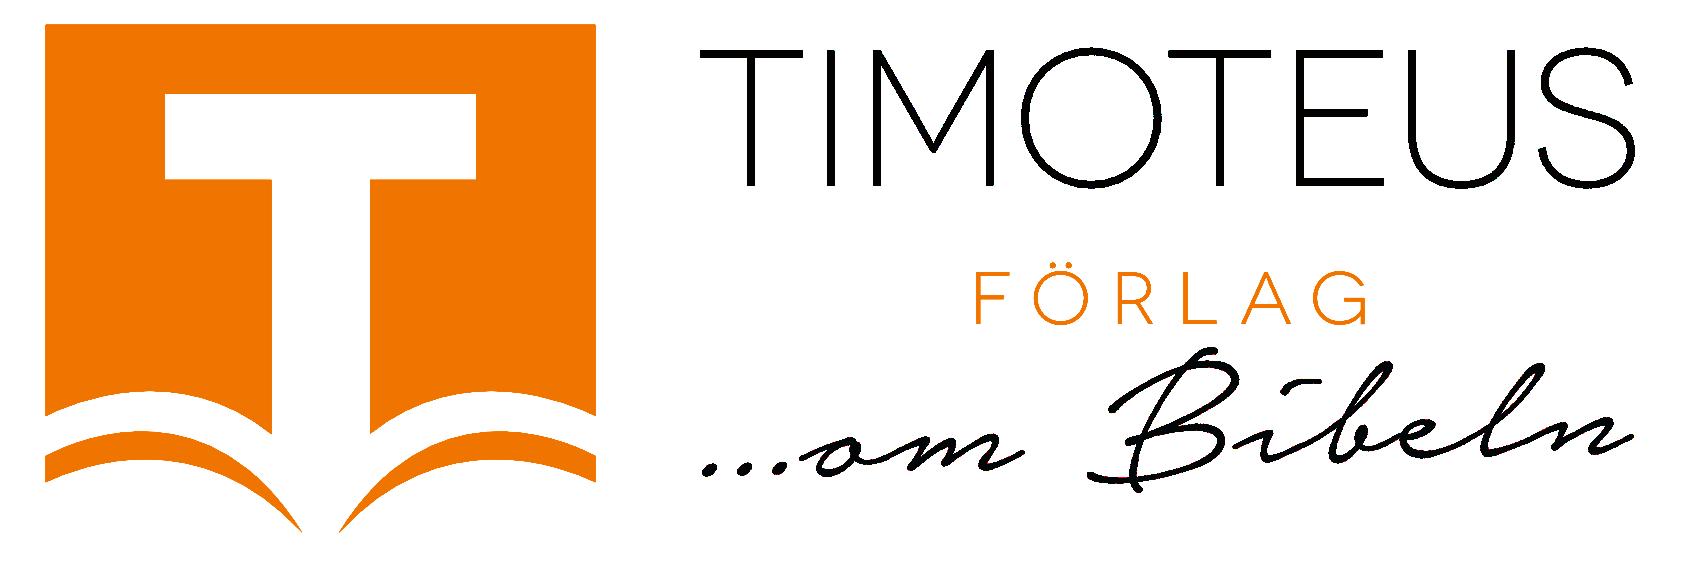 Timoteus Förlag AB